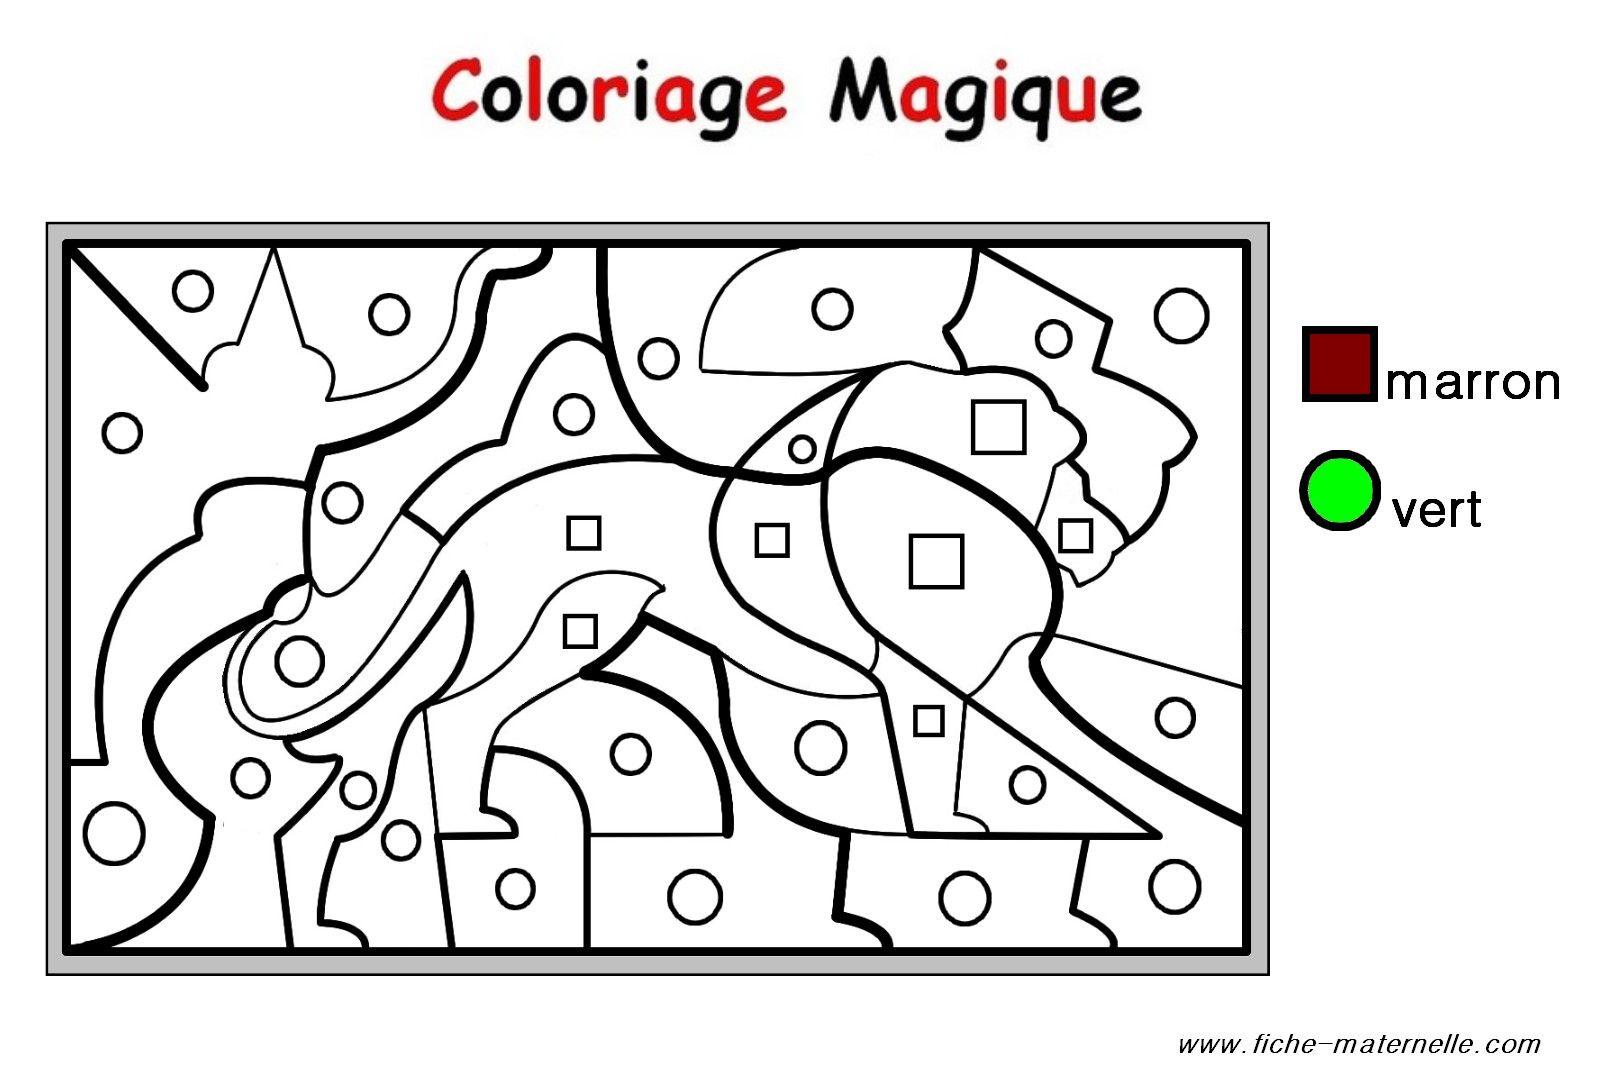 Coloriage Codé Gs Maternelle - Recherche Google | Coloriage destiné Coloriage Codé Maternelle